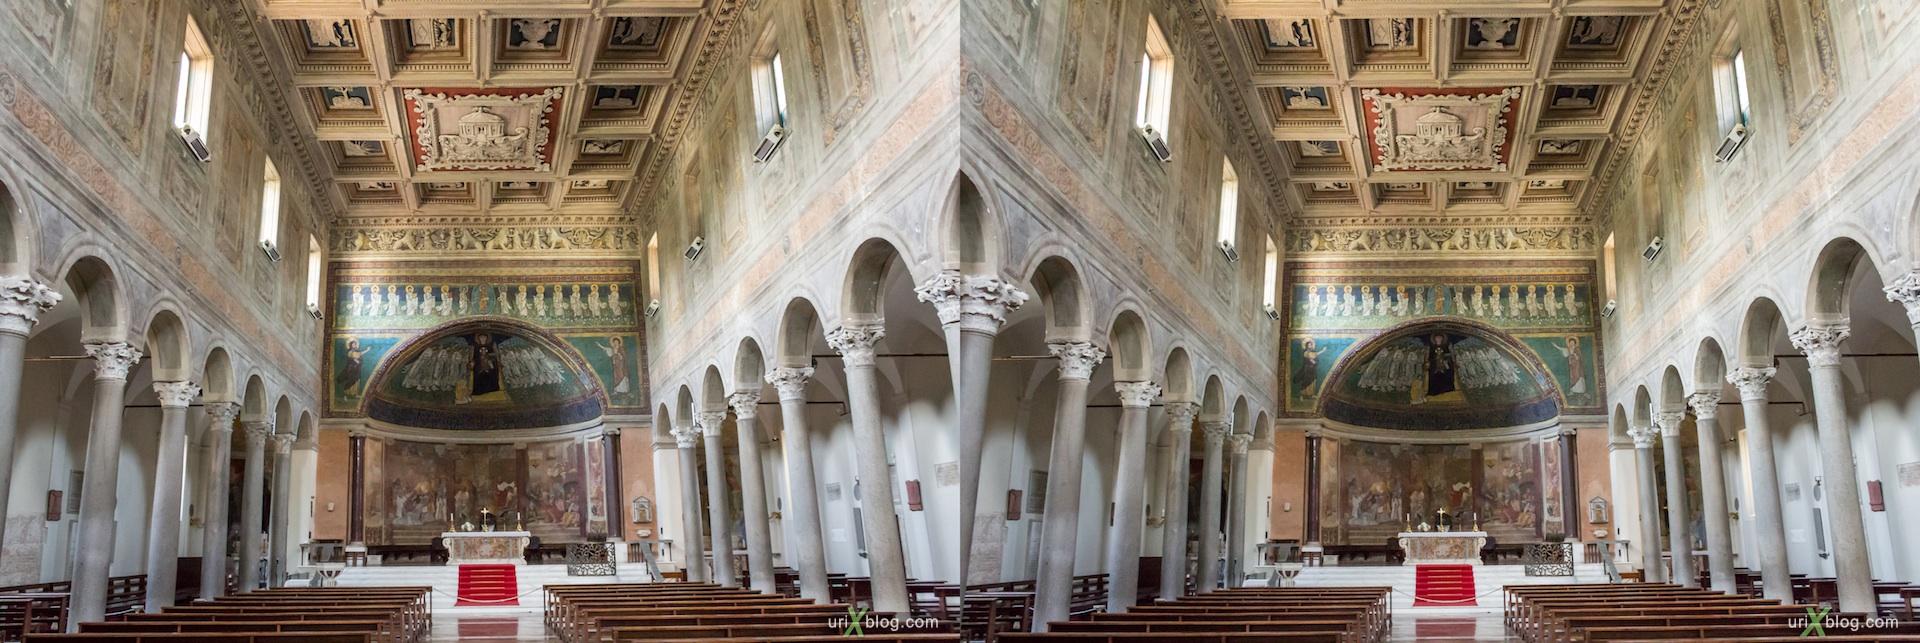 2012, церковь Санта-Мария-ин-Домника, собор, христианство, католичество, Рим, Италия, осень, 3D, перекрёстные стереопары, стерео, стереопара, стереопары